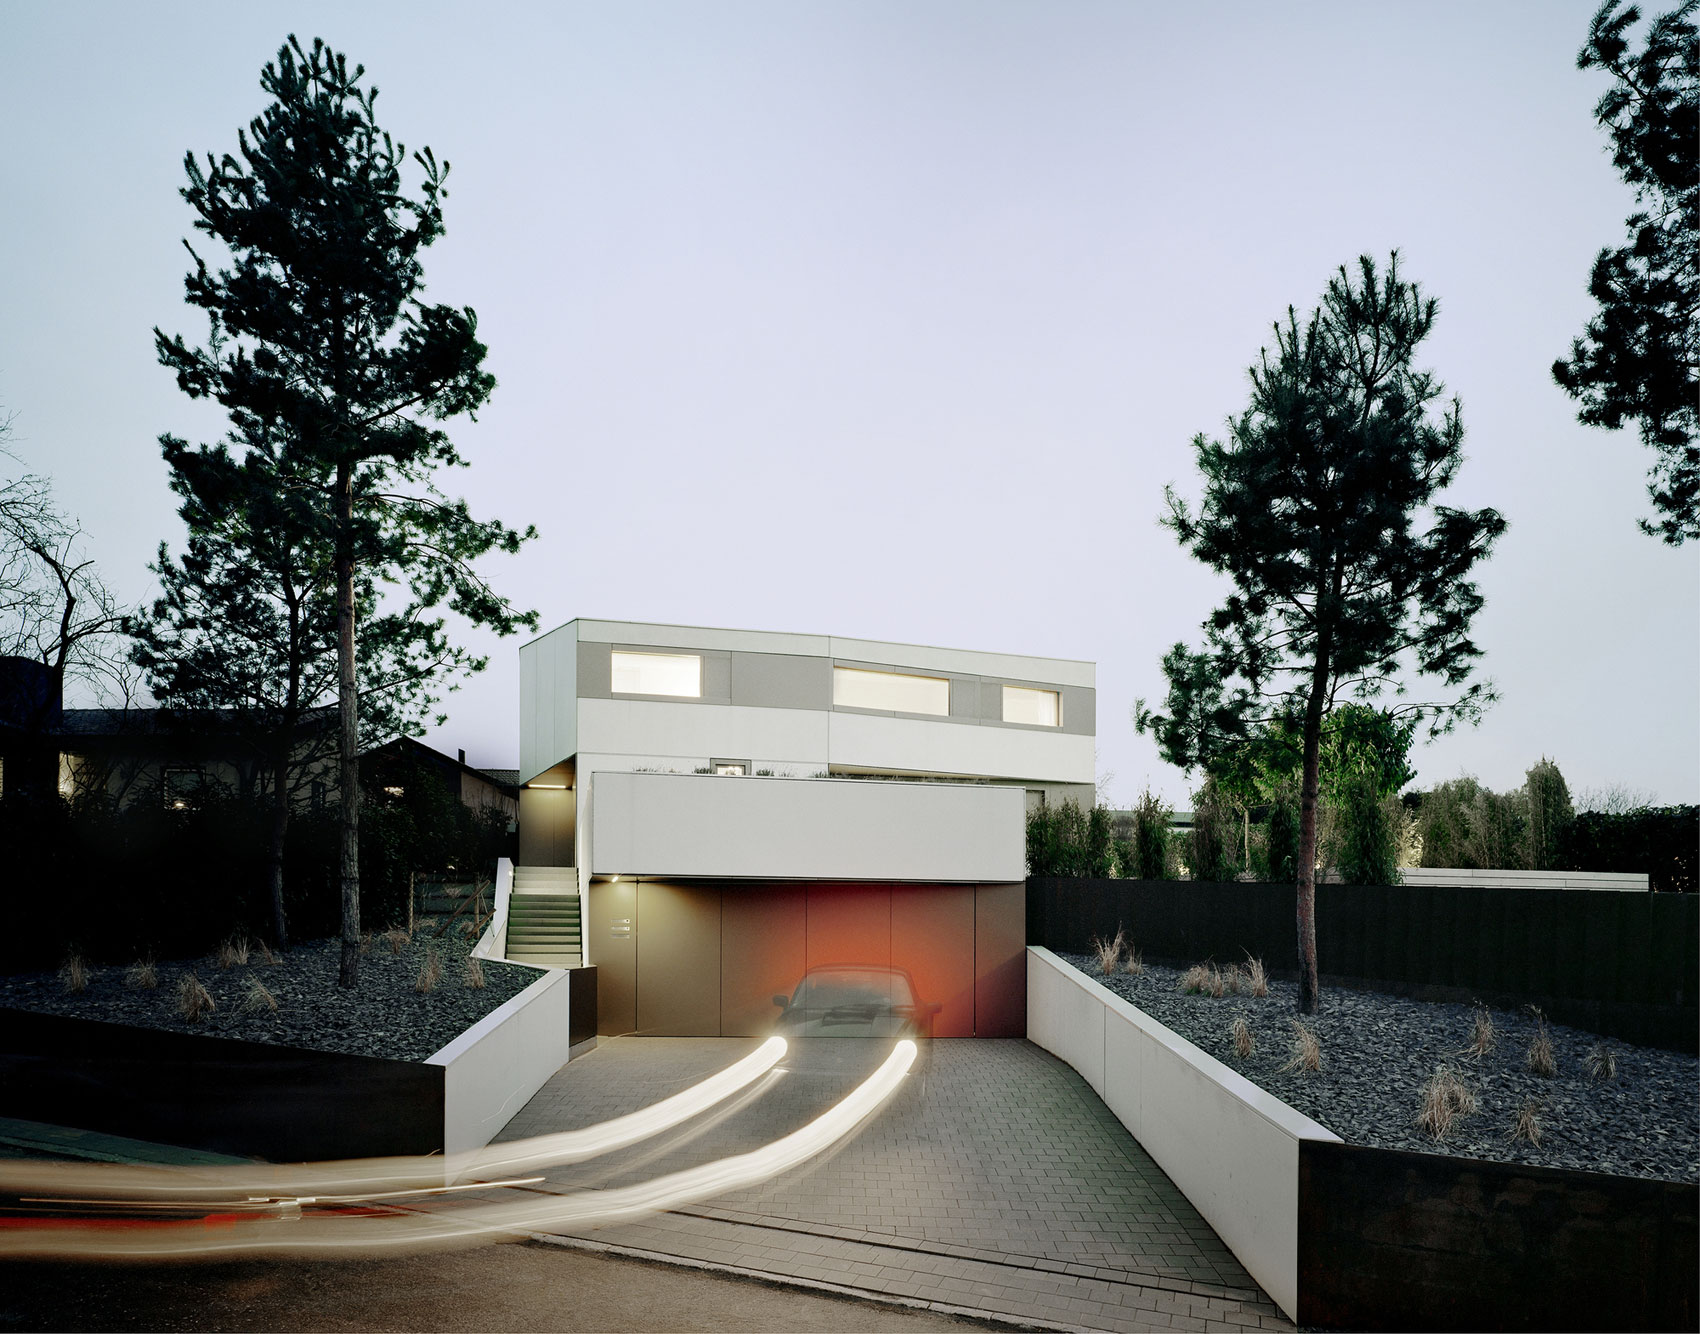 S3 City Home in Tübingen by Steimle Architekten-25